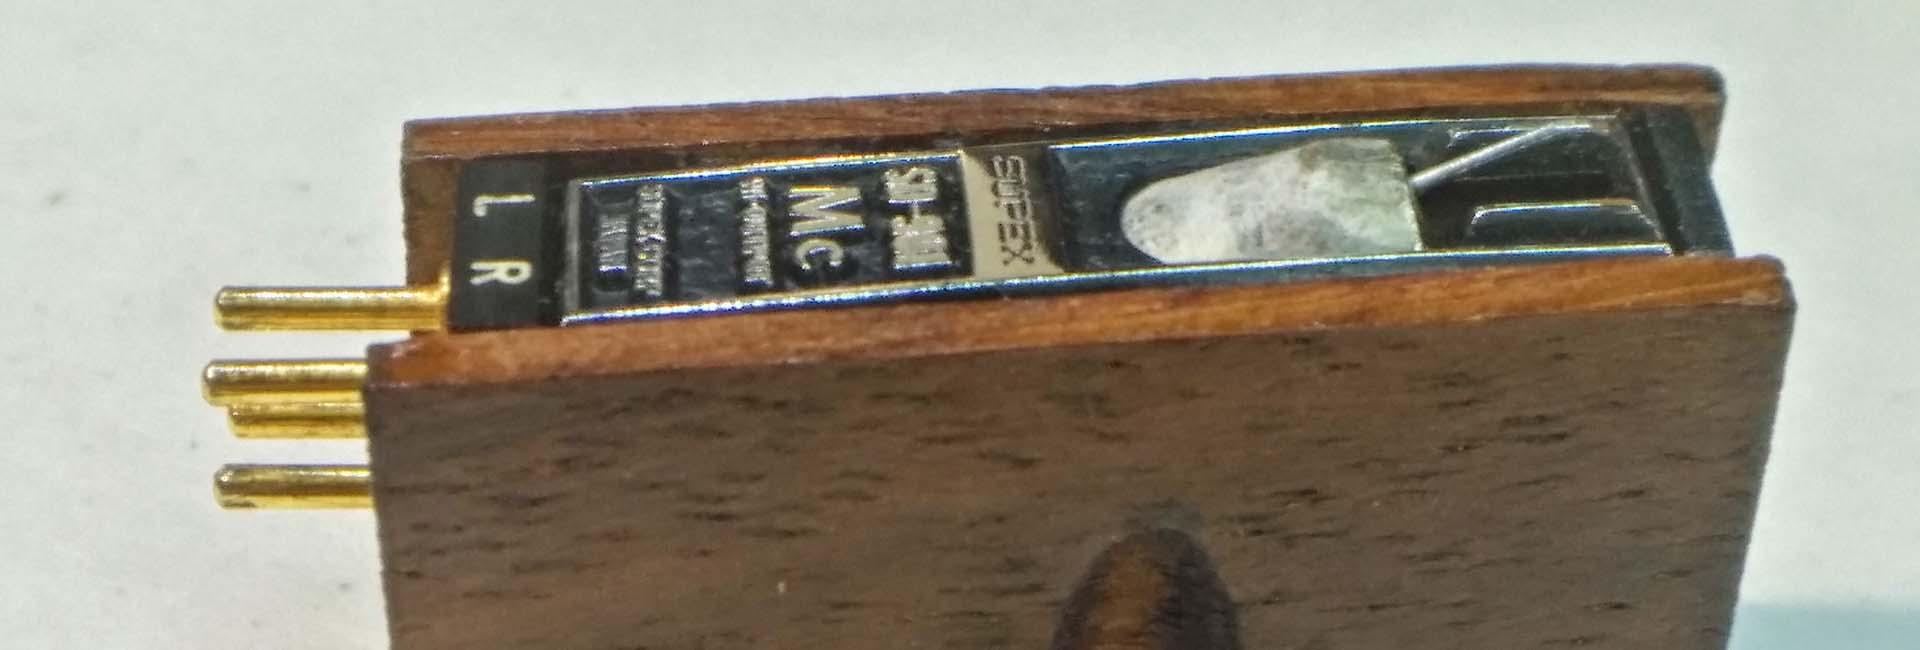 Supex SD 901 Wood